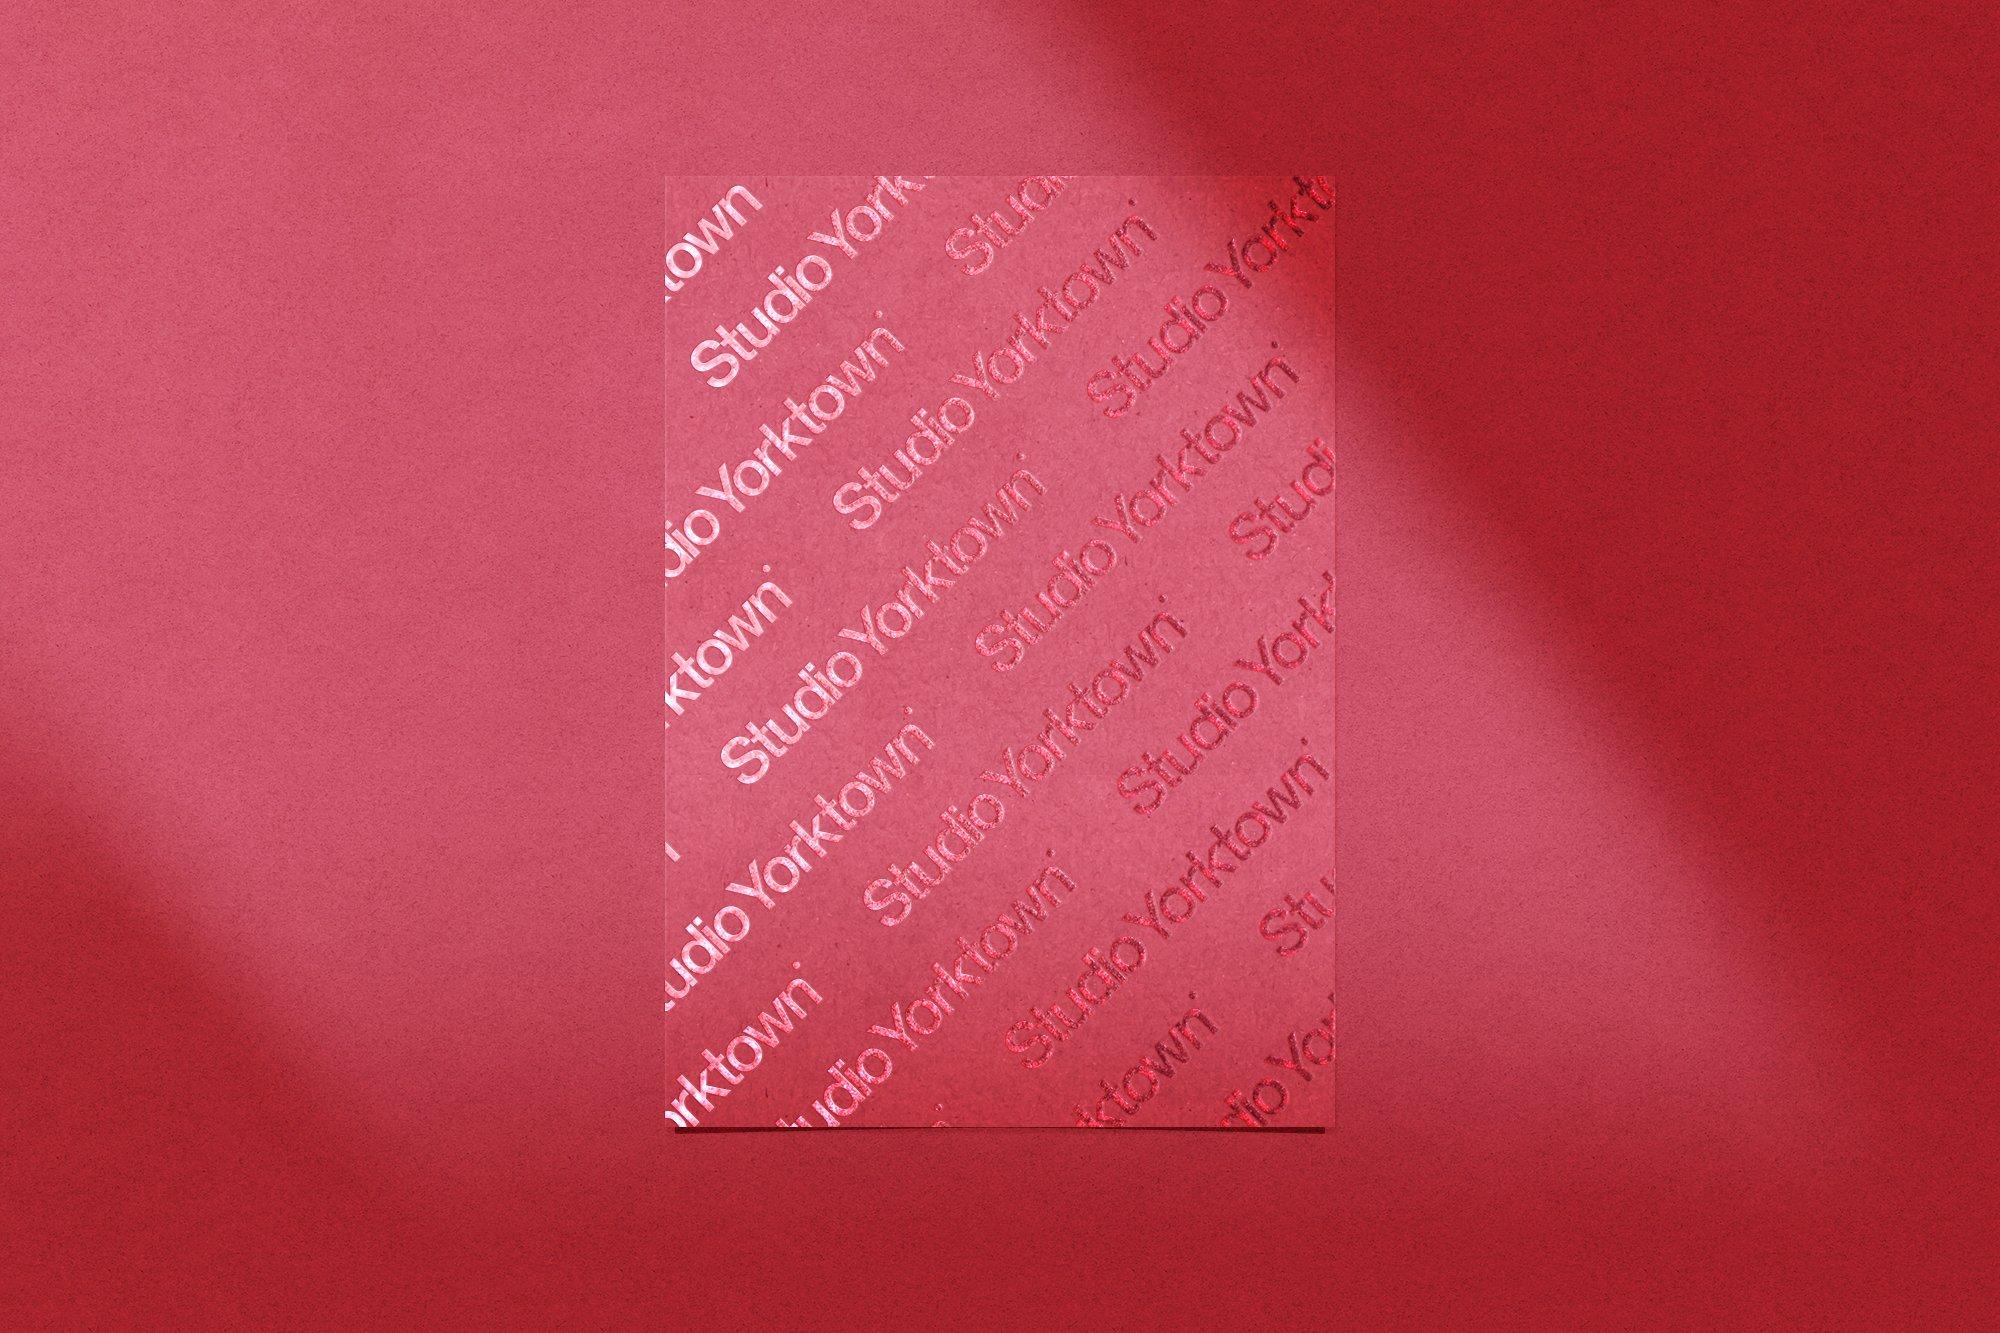 [淘宝购买] 潮流多功能压印铝箔虹彩效果办公用品场景样机套件 Meiji Multi Effect Mockup Template插图(12)